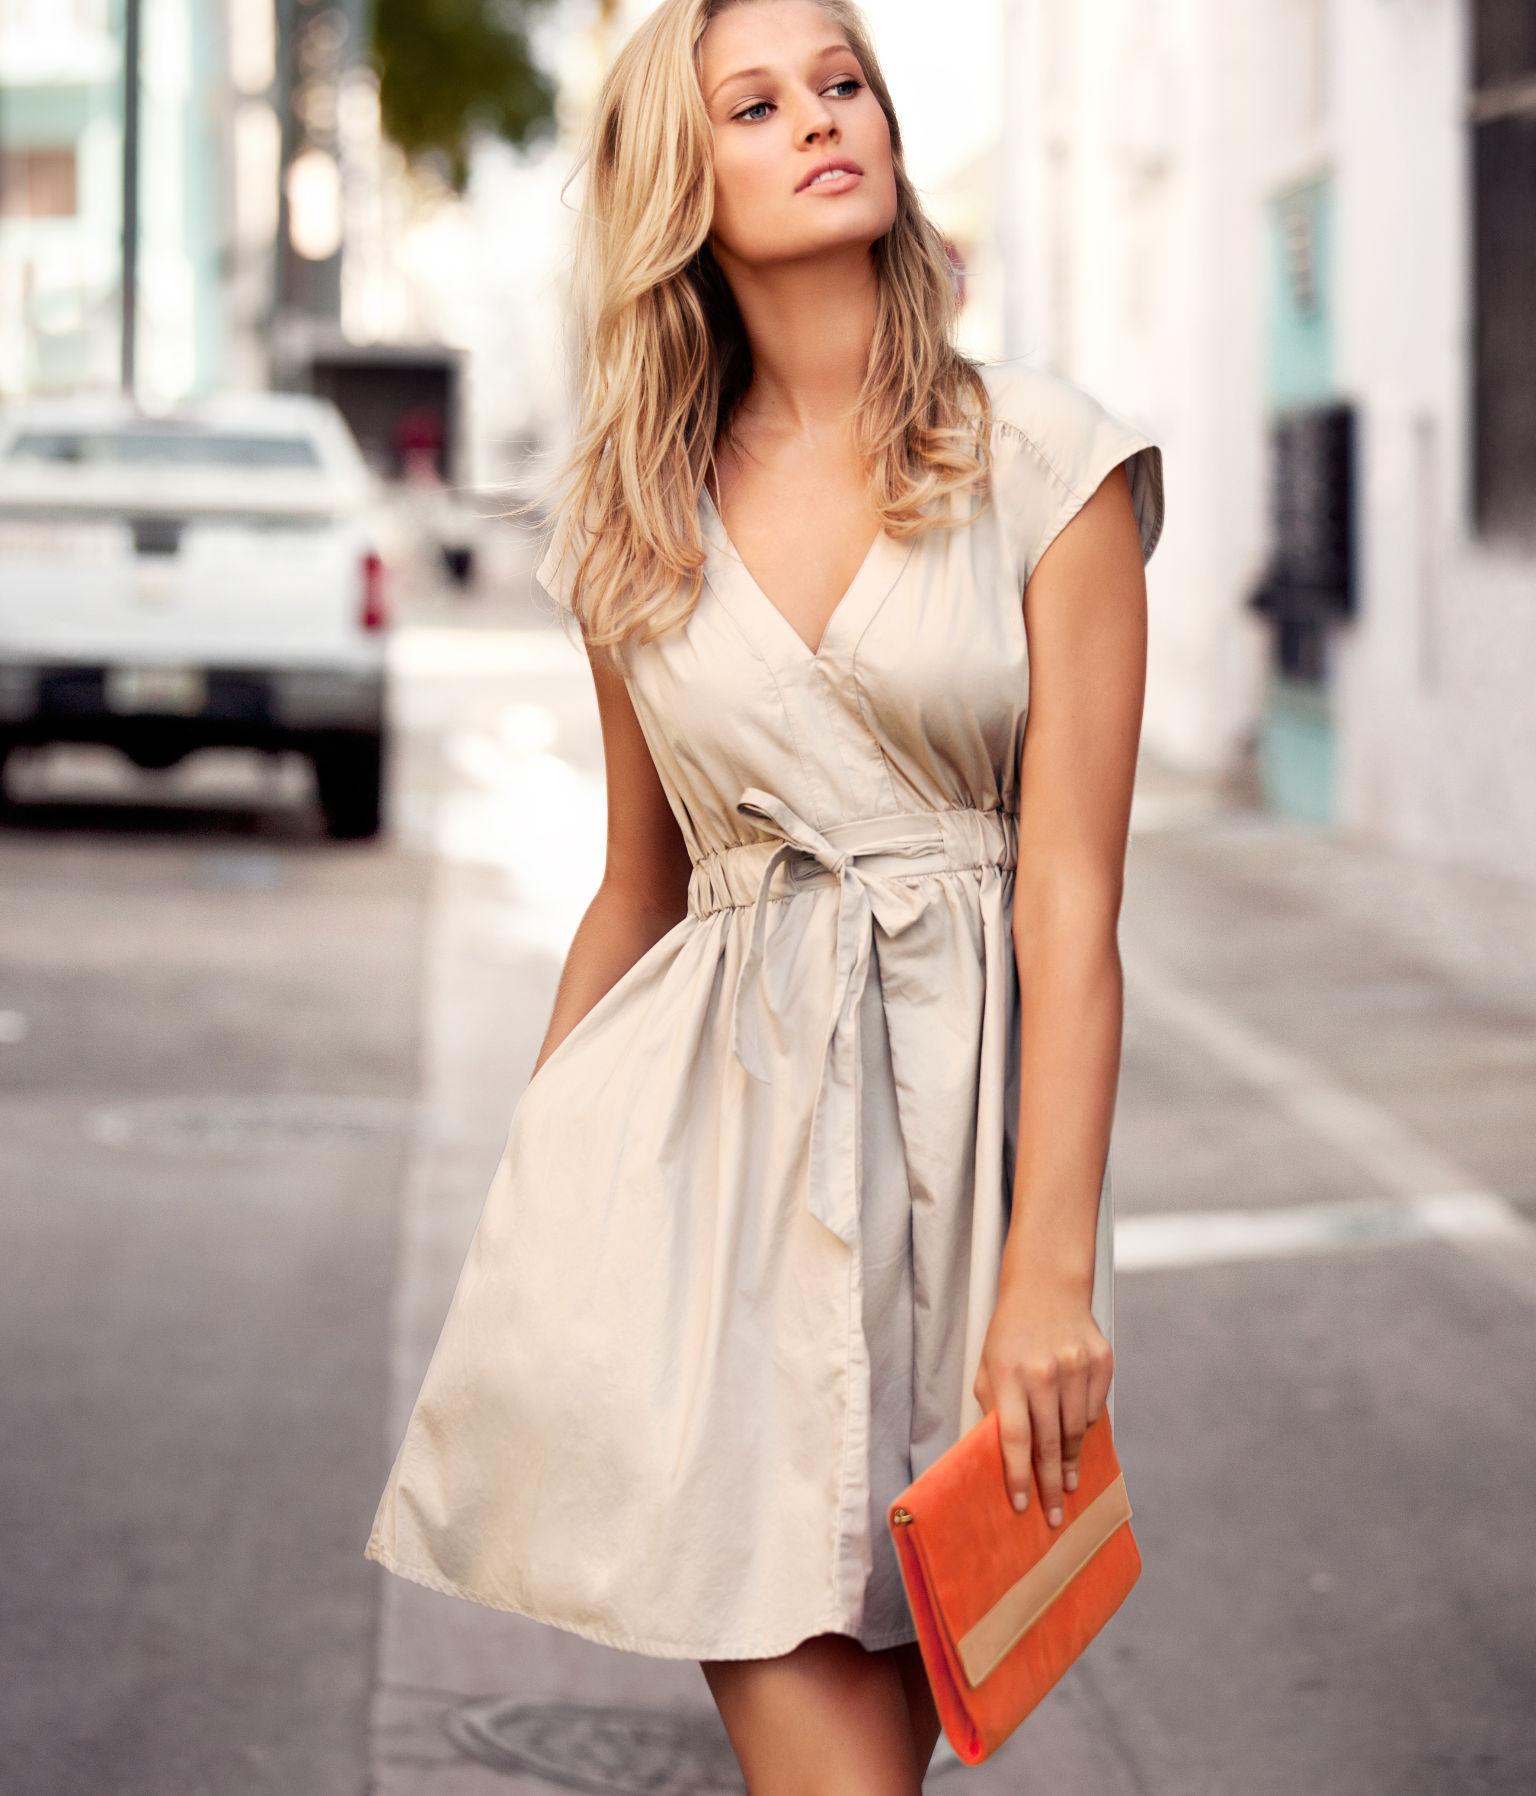 Фото девушек в летнем платье 12 фотография